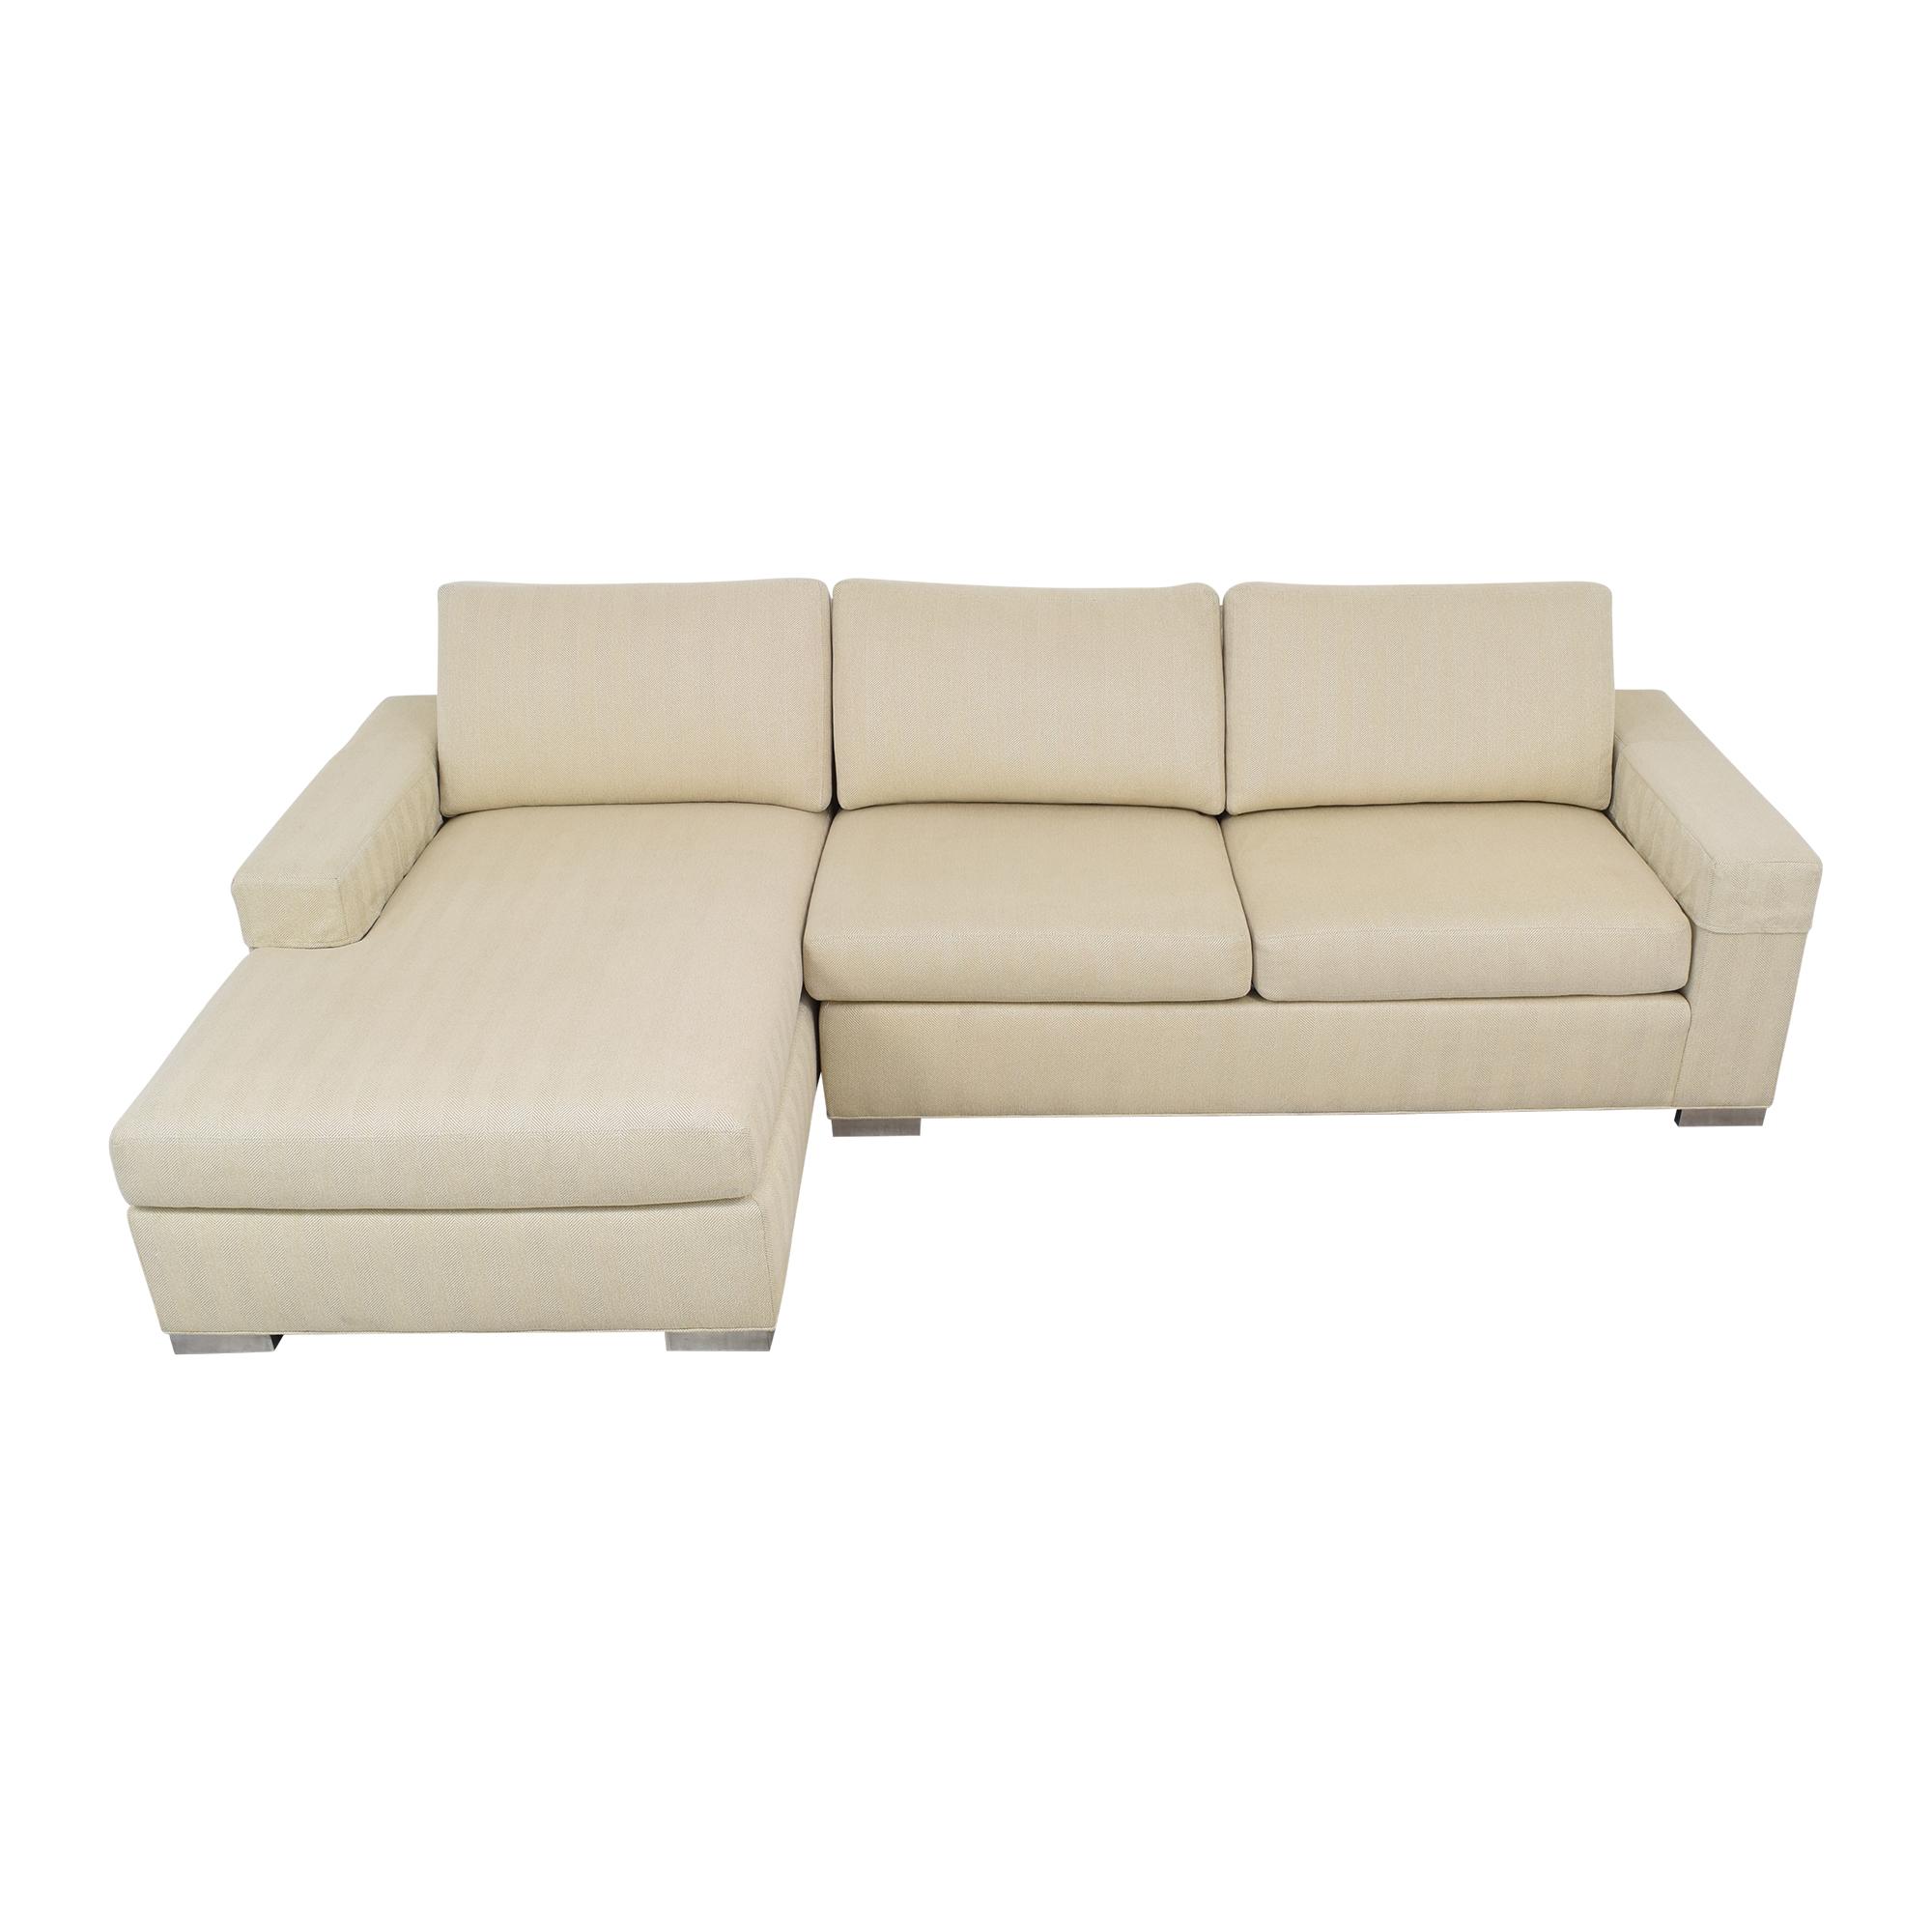 Ethan Allen Ethan Allen Conway Sectional Sofa Sofas